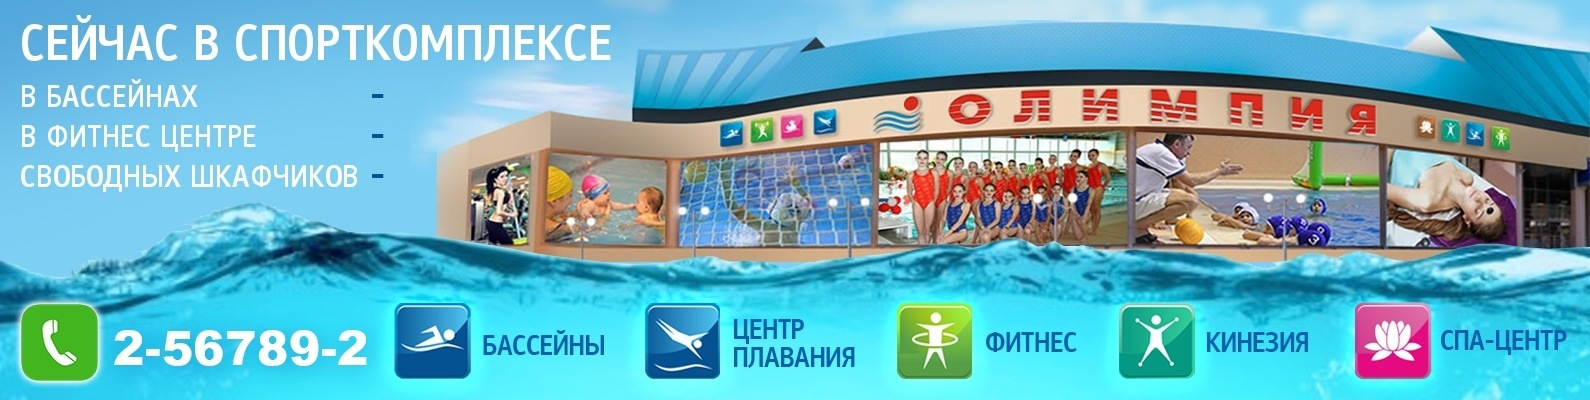 Бассейн Москва Гагаринский разовое посещение без справки